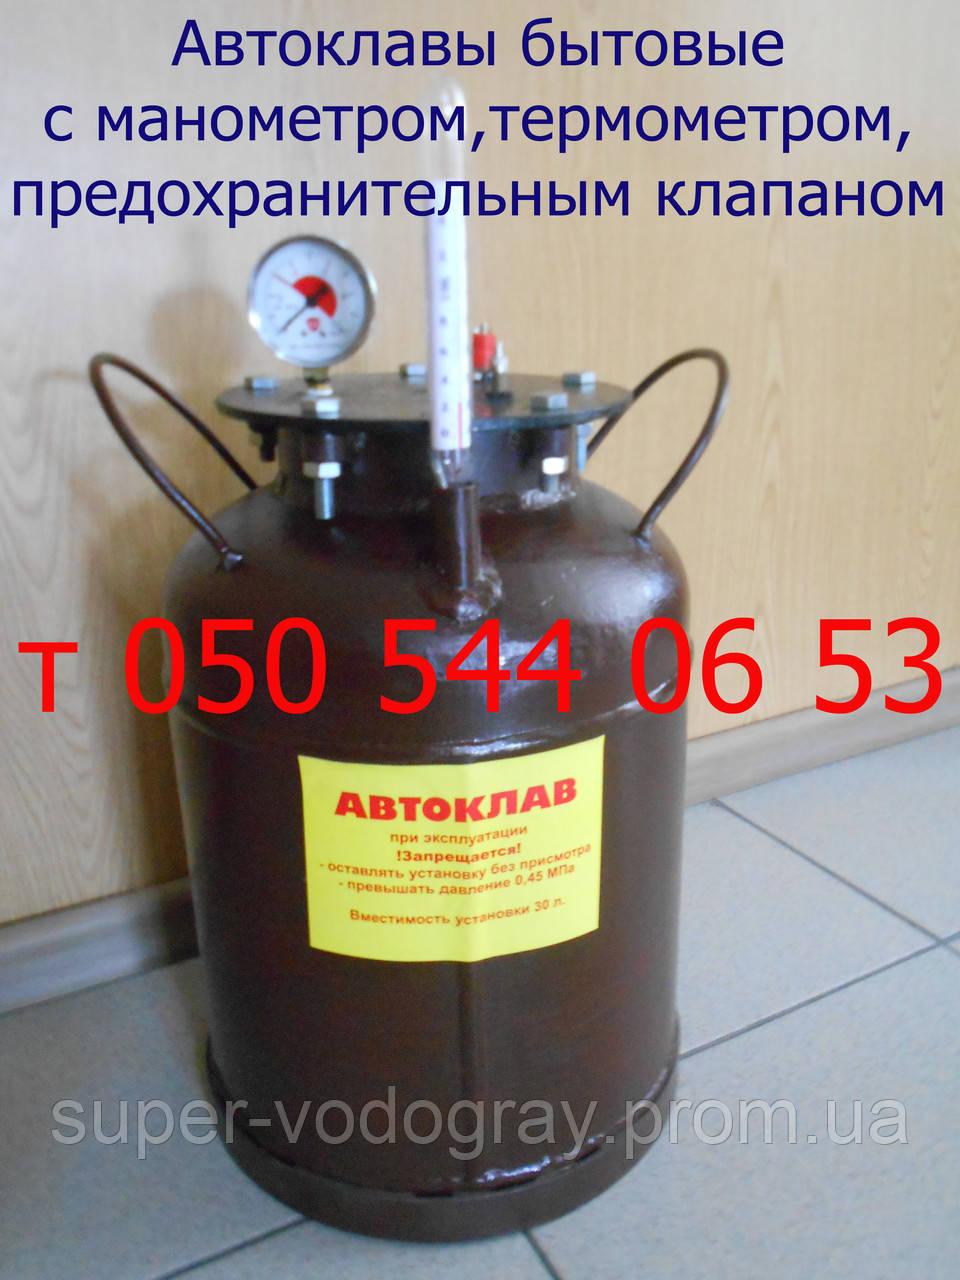 Купить автоклав для домашнего консервирования в молдове фото как выглядет зоновский самогонный аппарат